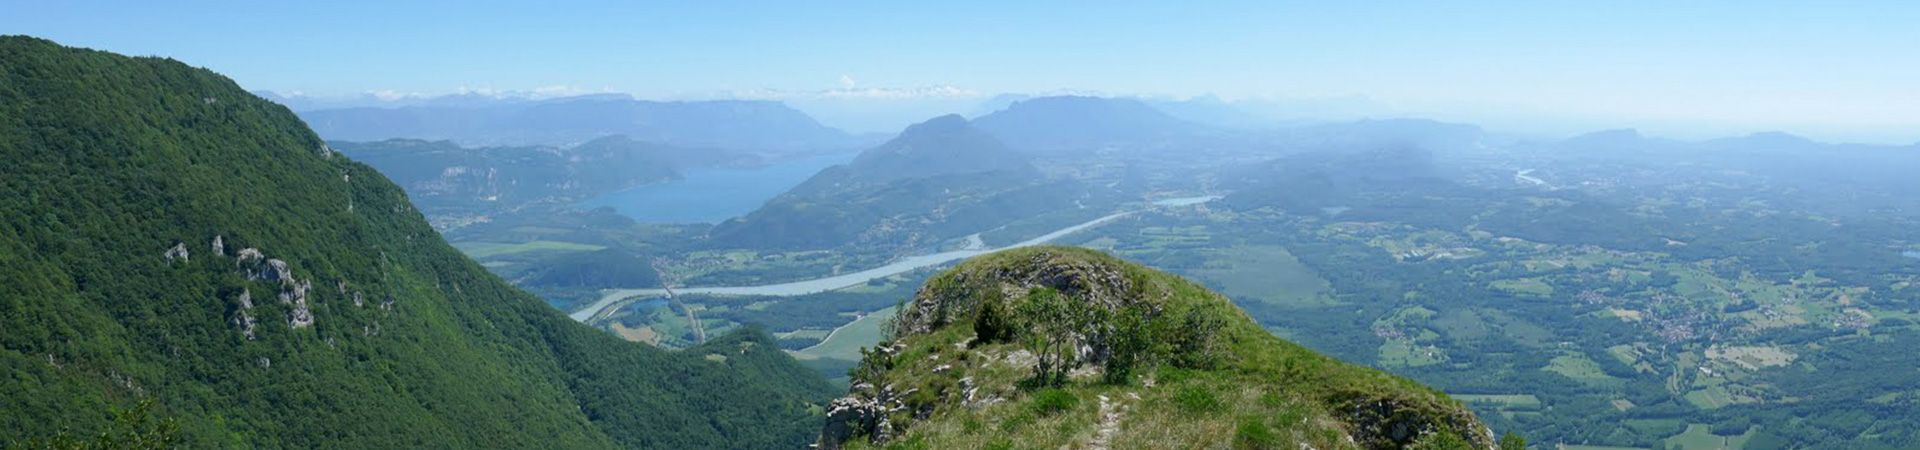 Vue en altitude de montagnes pleines de verdure